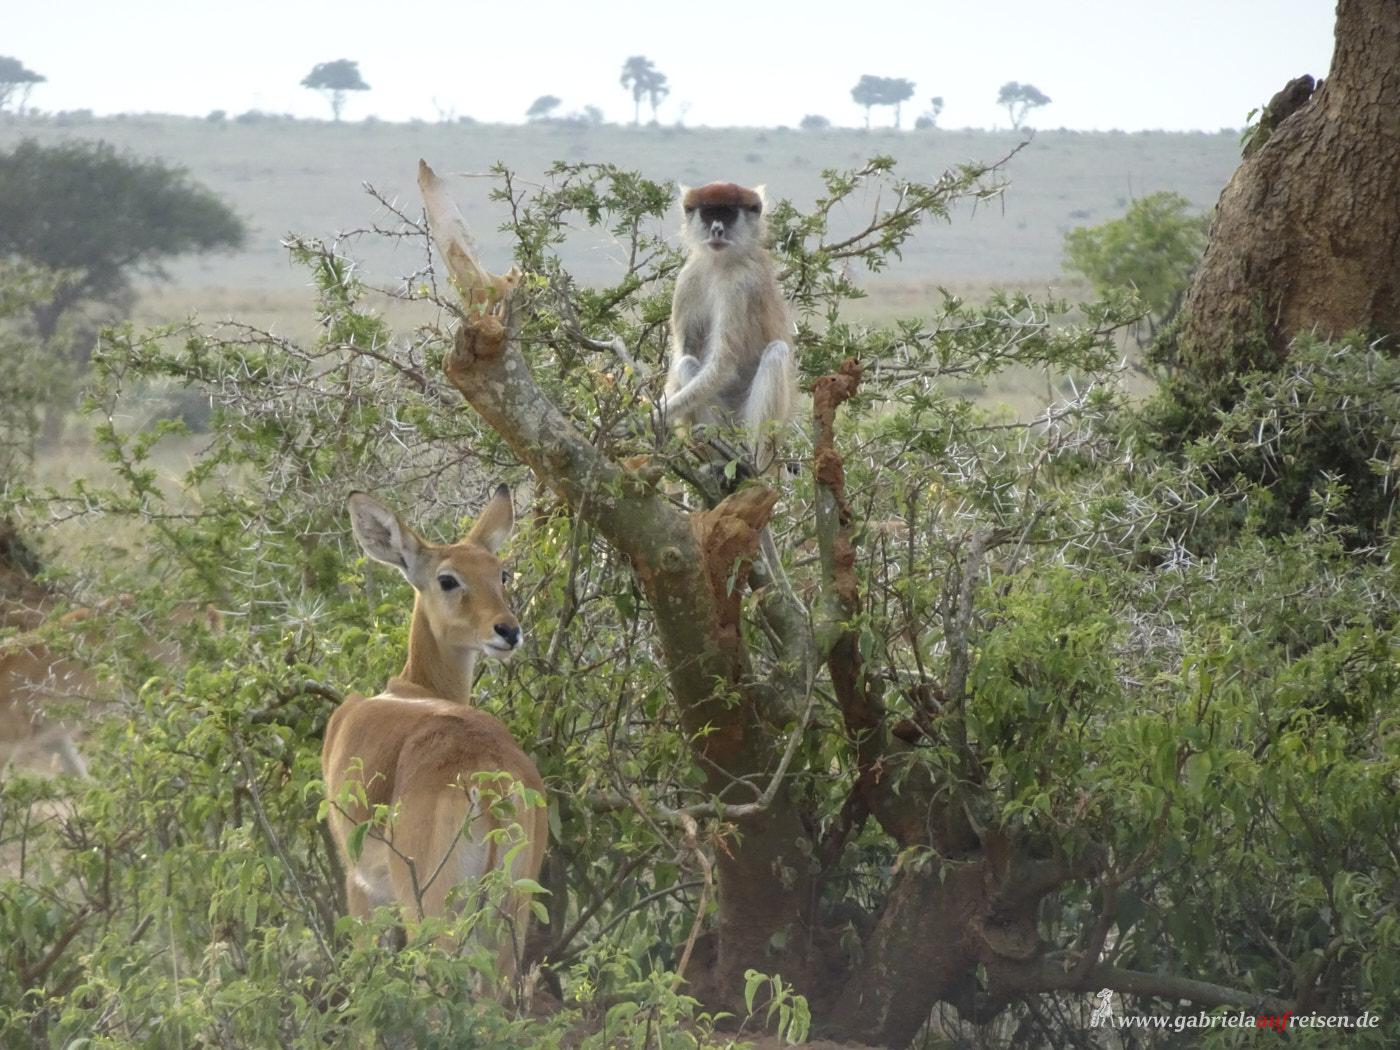 monkey-and-antilope